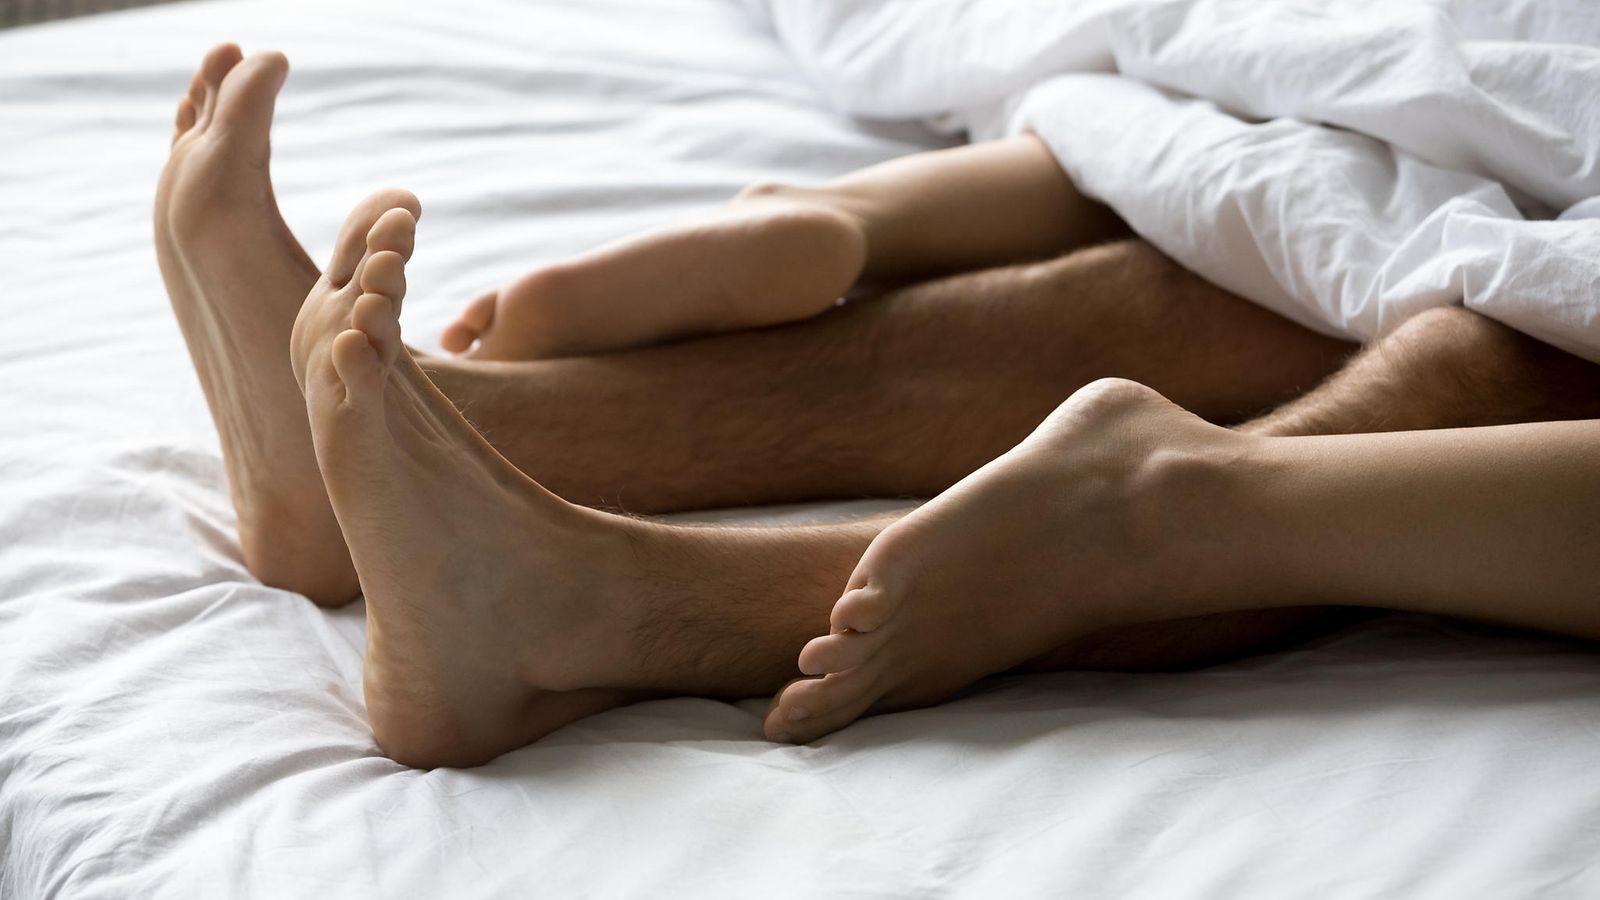 Jalka pallo äiti seksi putki